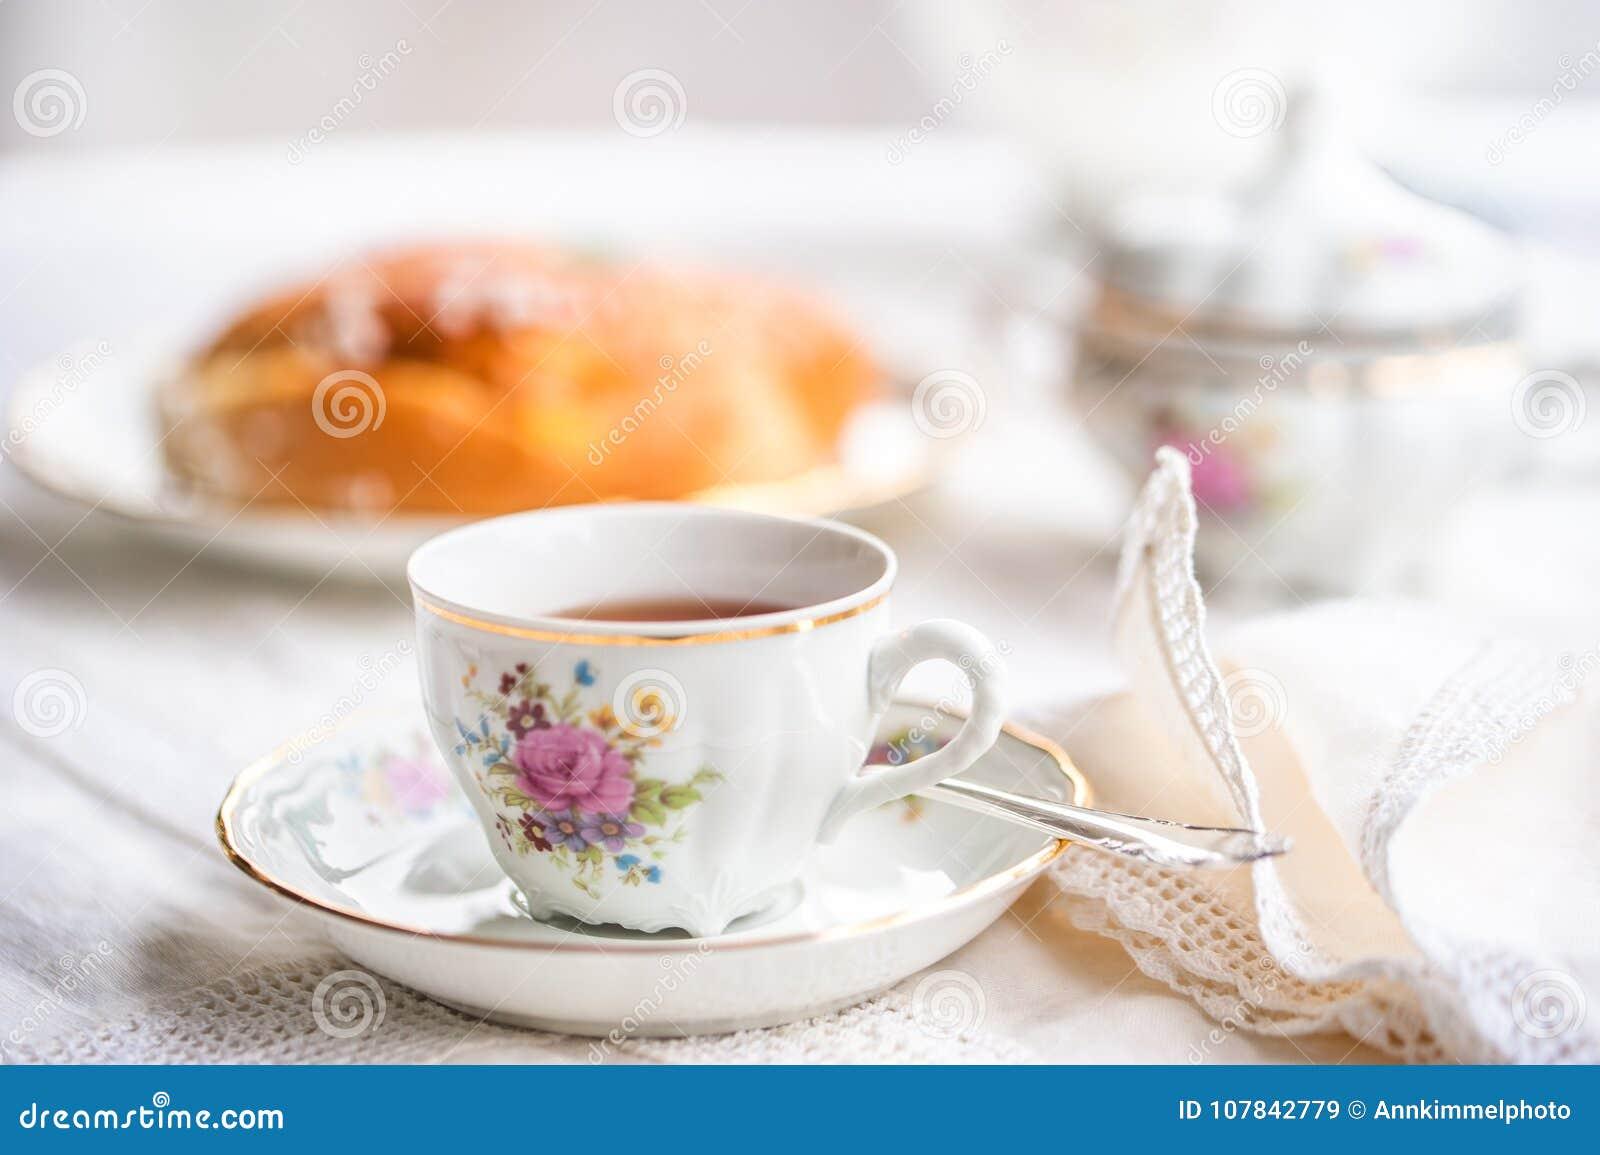 与杯子的豪华瓷茶具,茶壶,糖罐